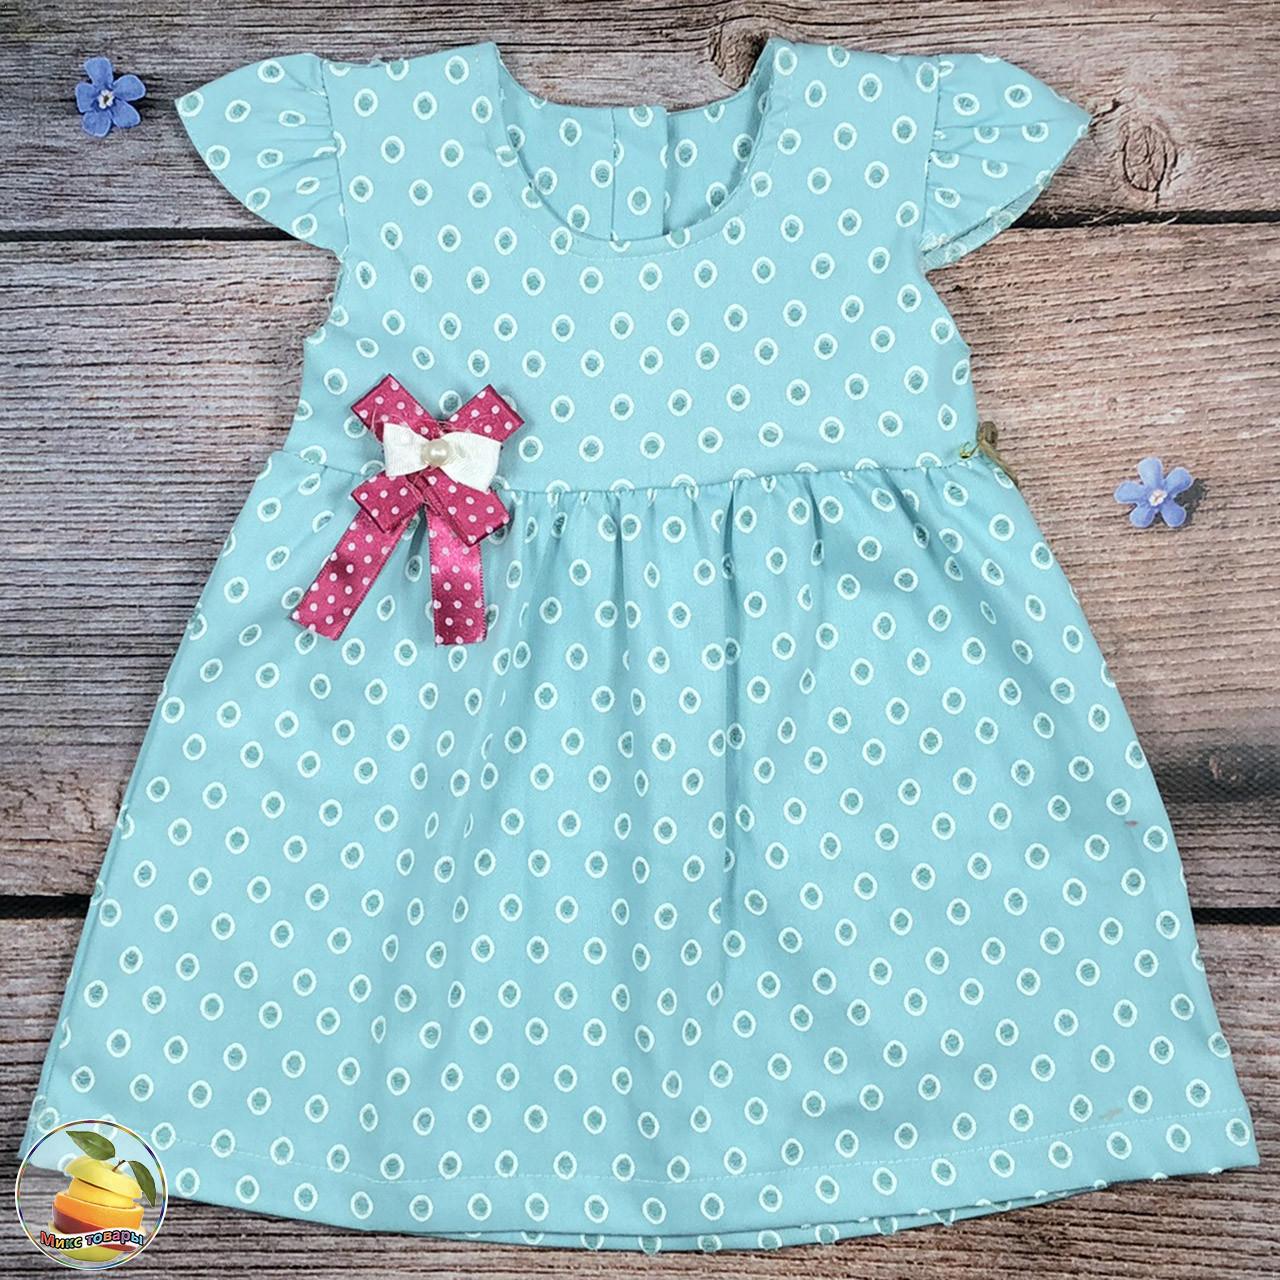 Летнее платье в горошек для маленькой девочки Размеры: 1,2,3,4 года (20172-2)